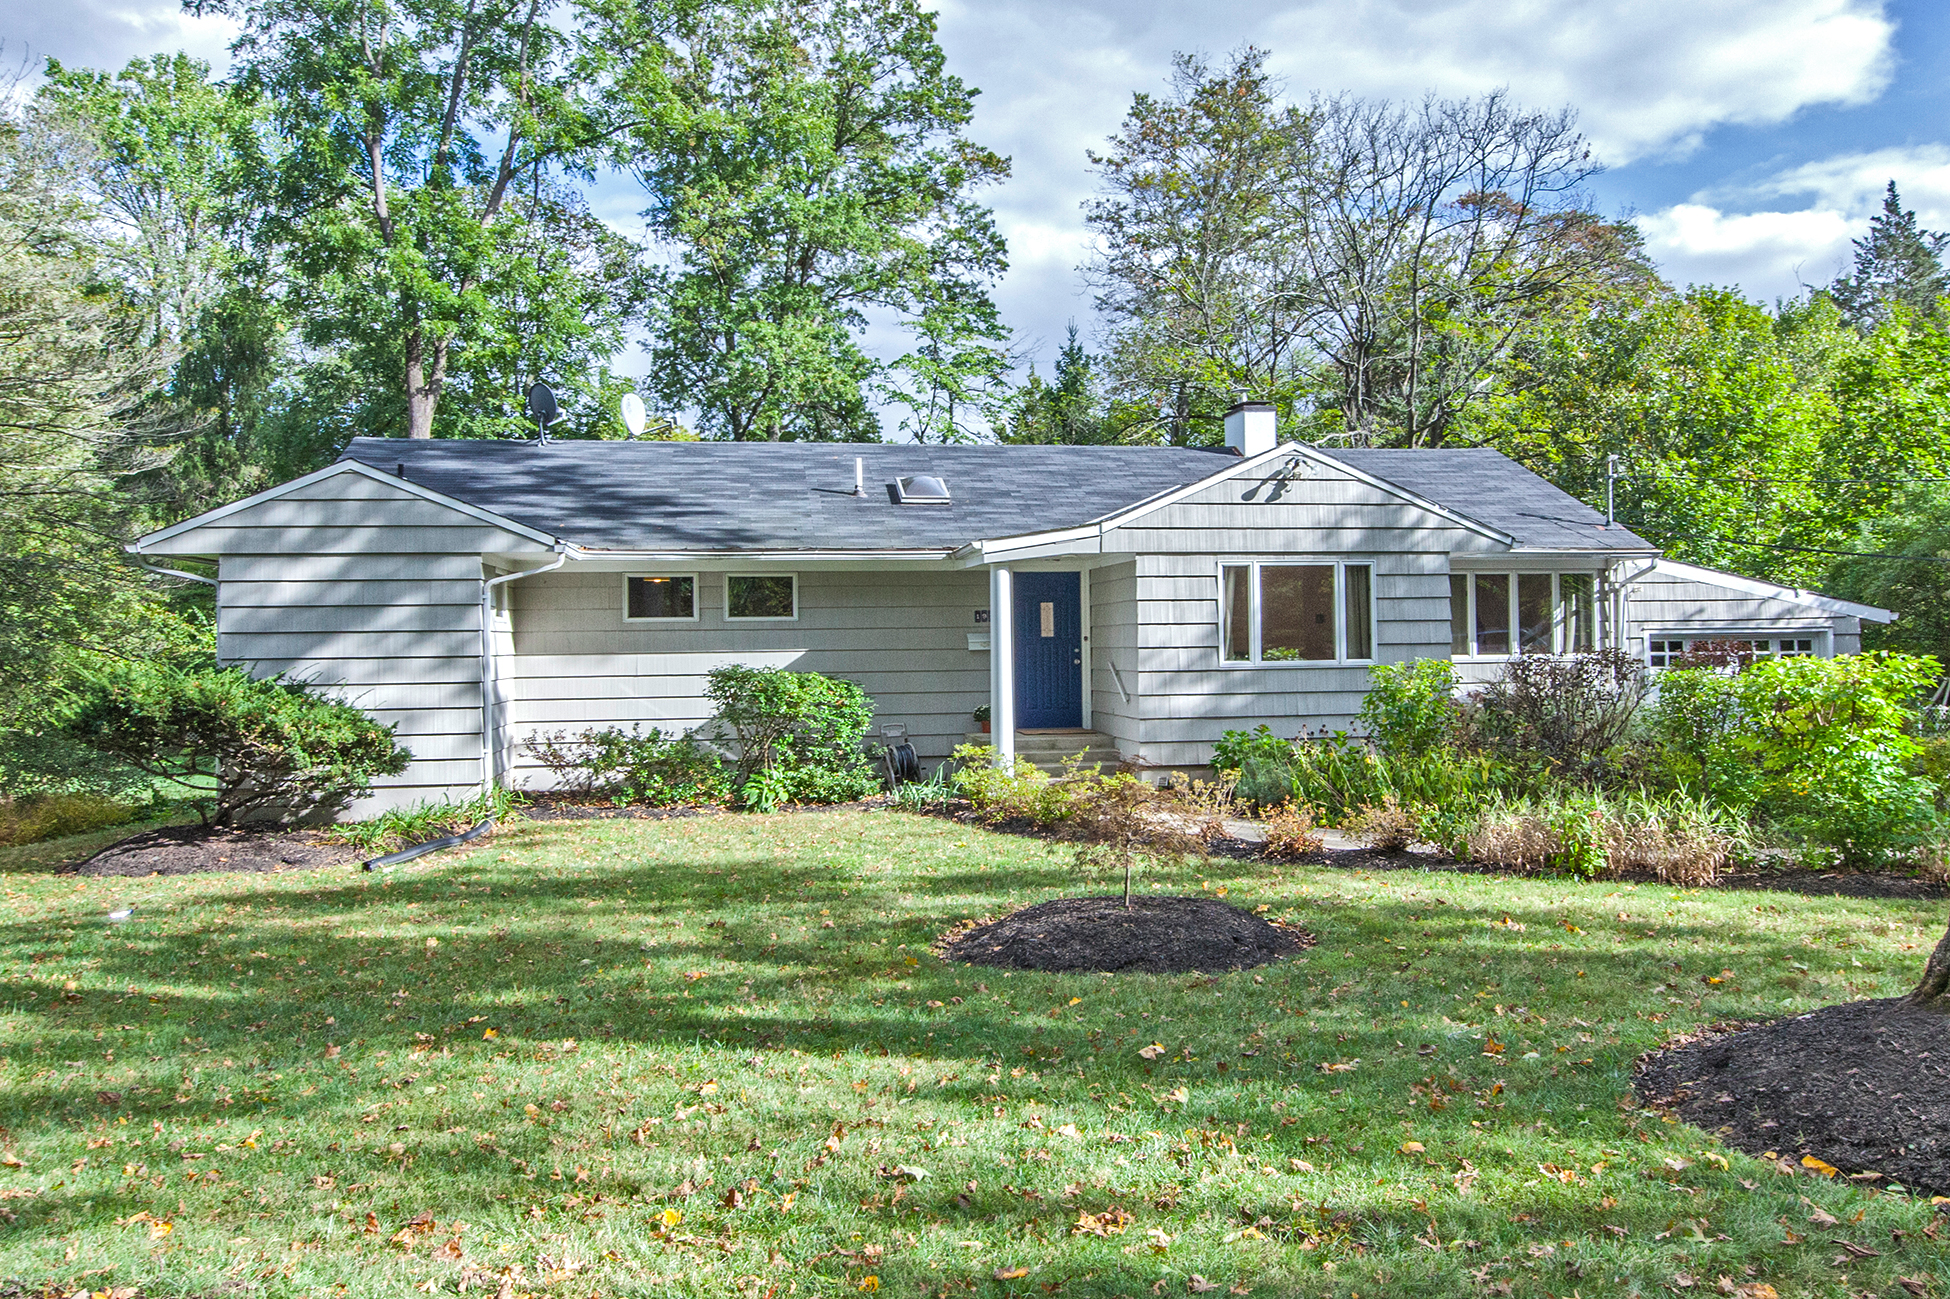 Einfamilienhaus für Verkauf beim Lovely Skylit Interiors, Perfect Distance to Town 191 Snowden Lane Princeton, New Jersey 08540 Vereinigte Staaten